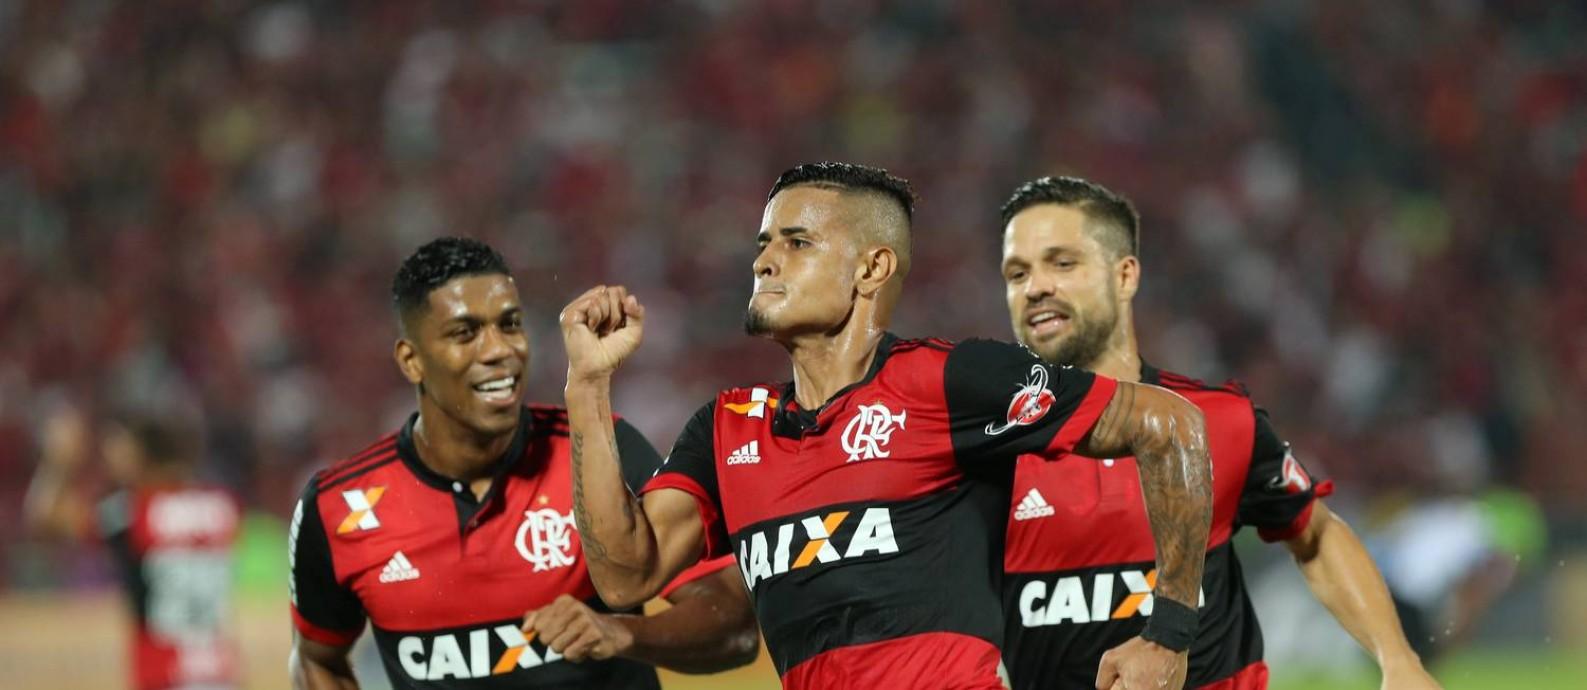 Berrío, Everton e Diego comemoram o gol que abriu o placar Foto: Marcelo Theobald